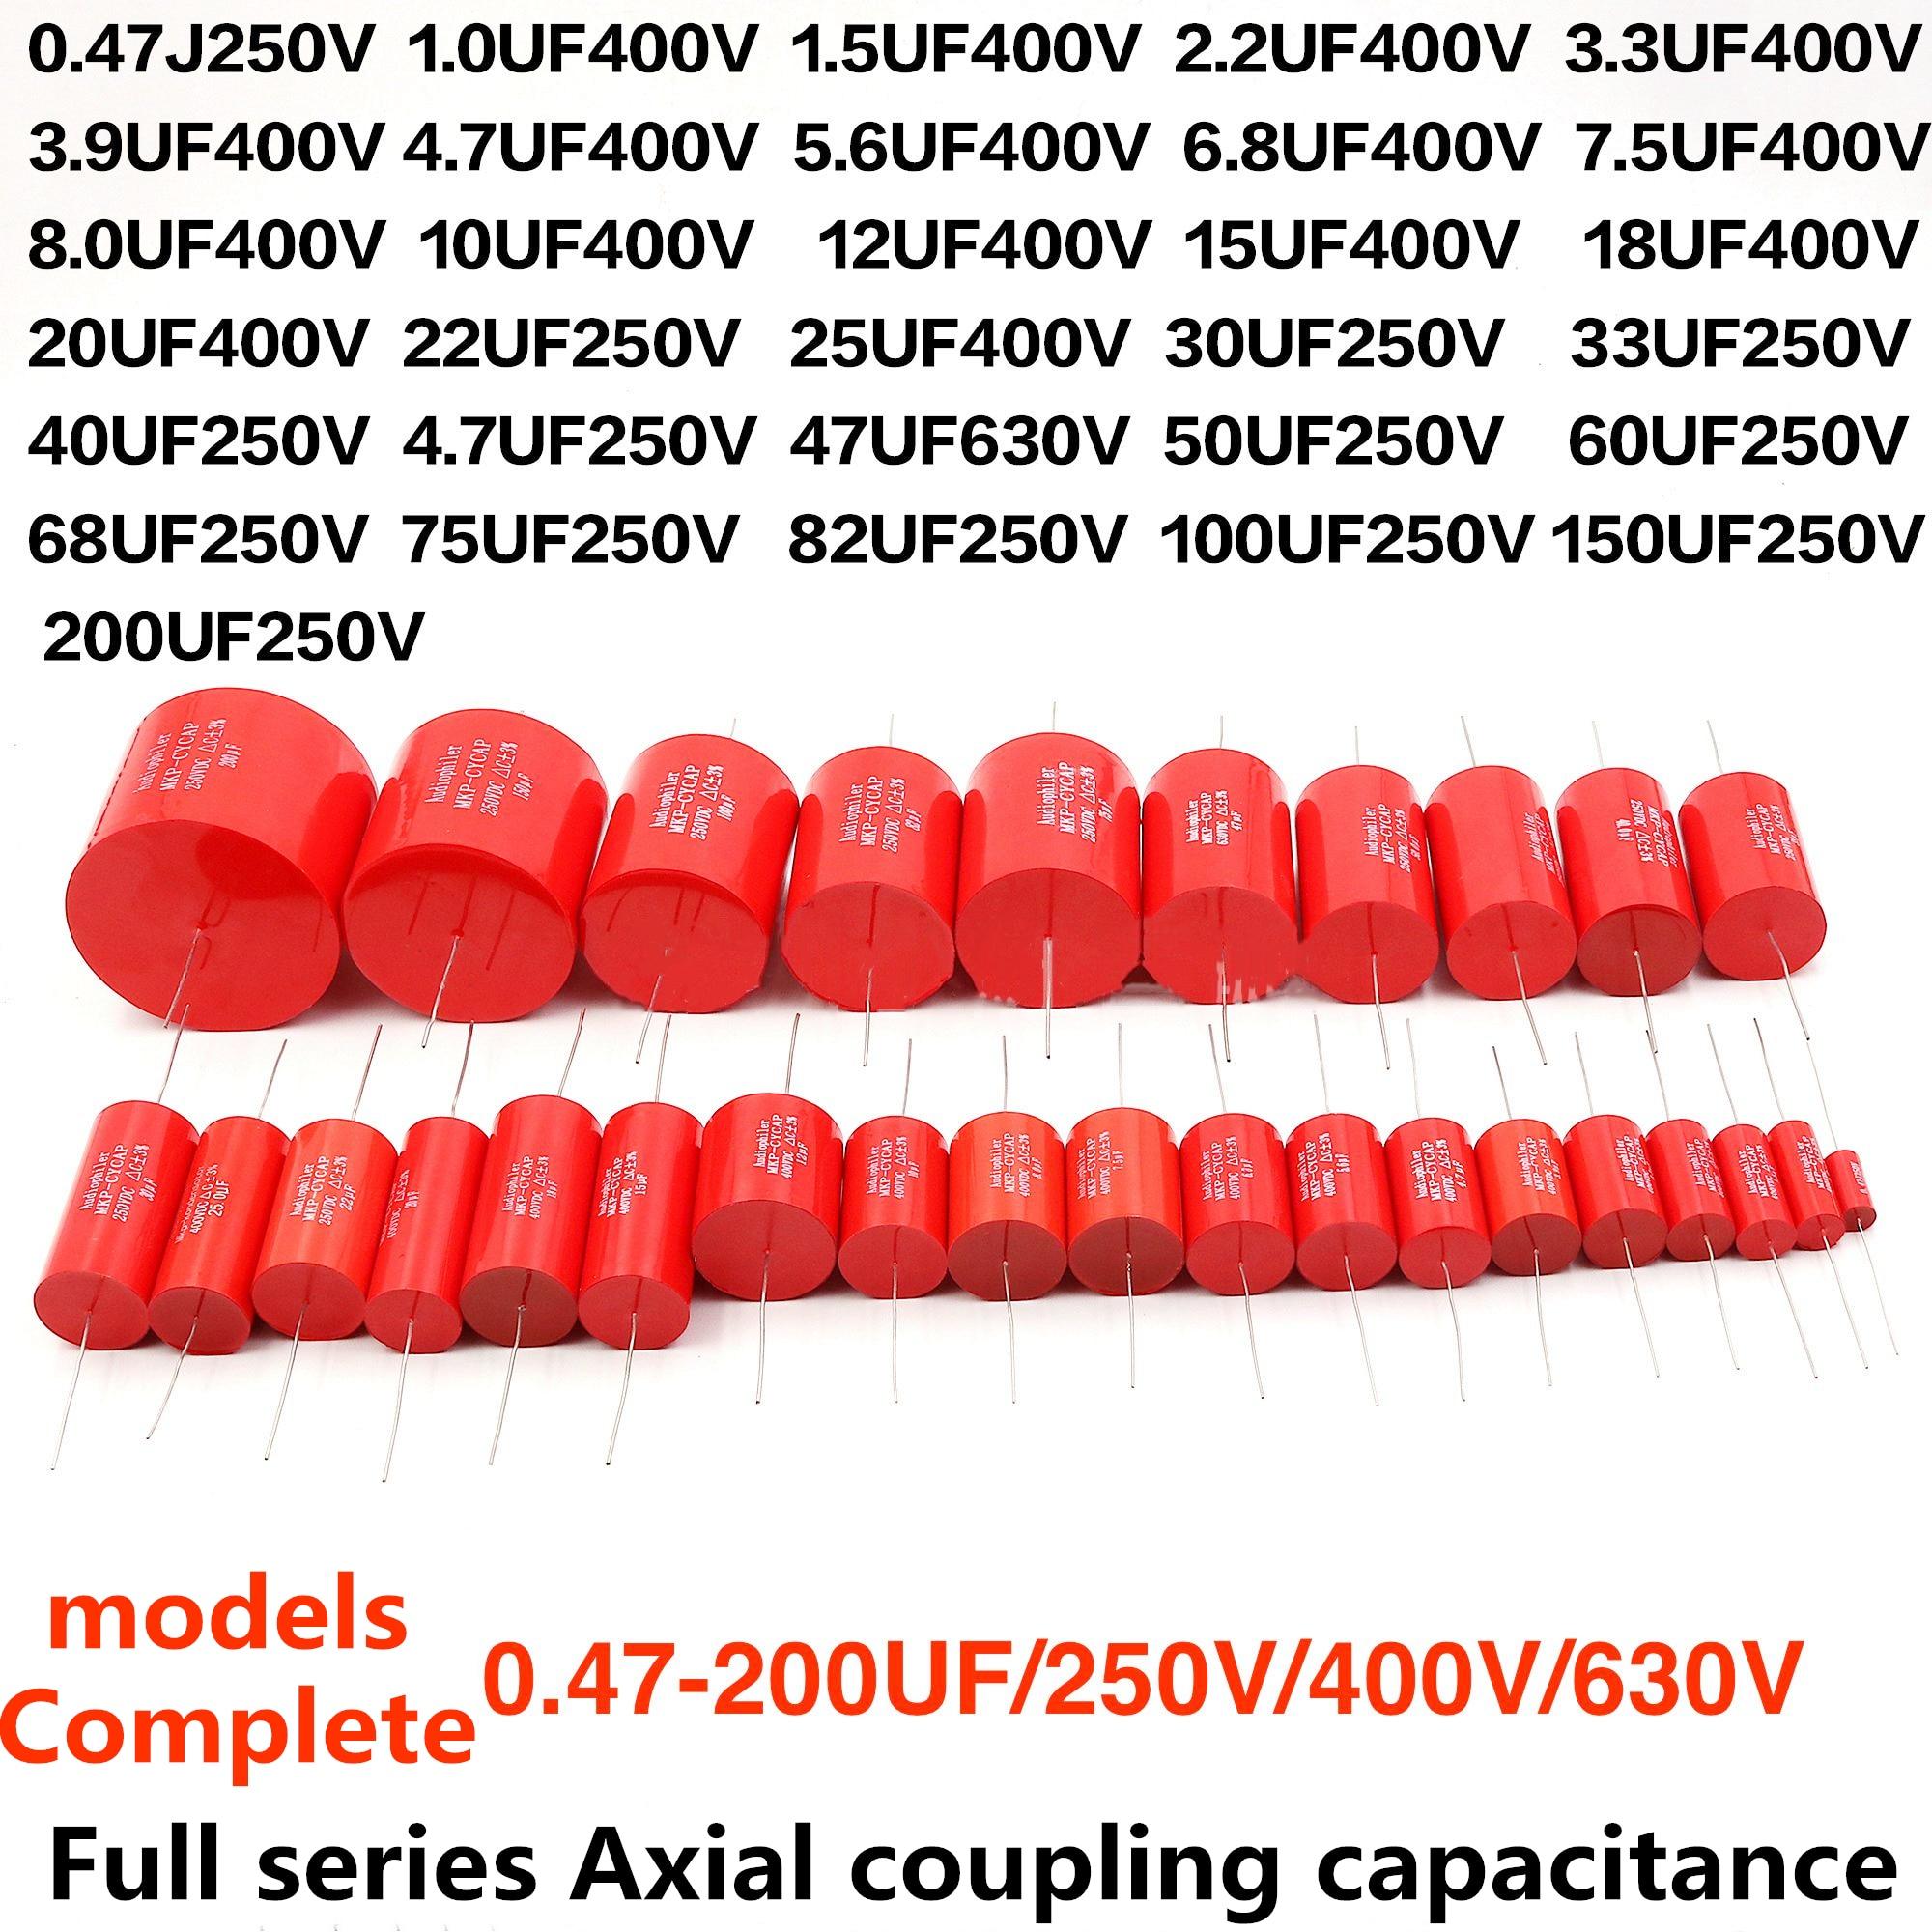 Конденсатор Audiophiler MKP конденсатор kondensotor HIFI fever безэлектродный конденсатор аудио capacito металлическая пленка соединение частоты деления